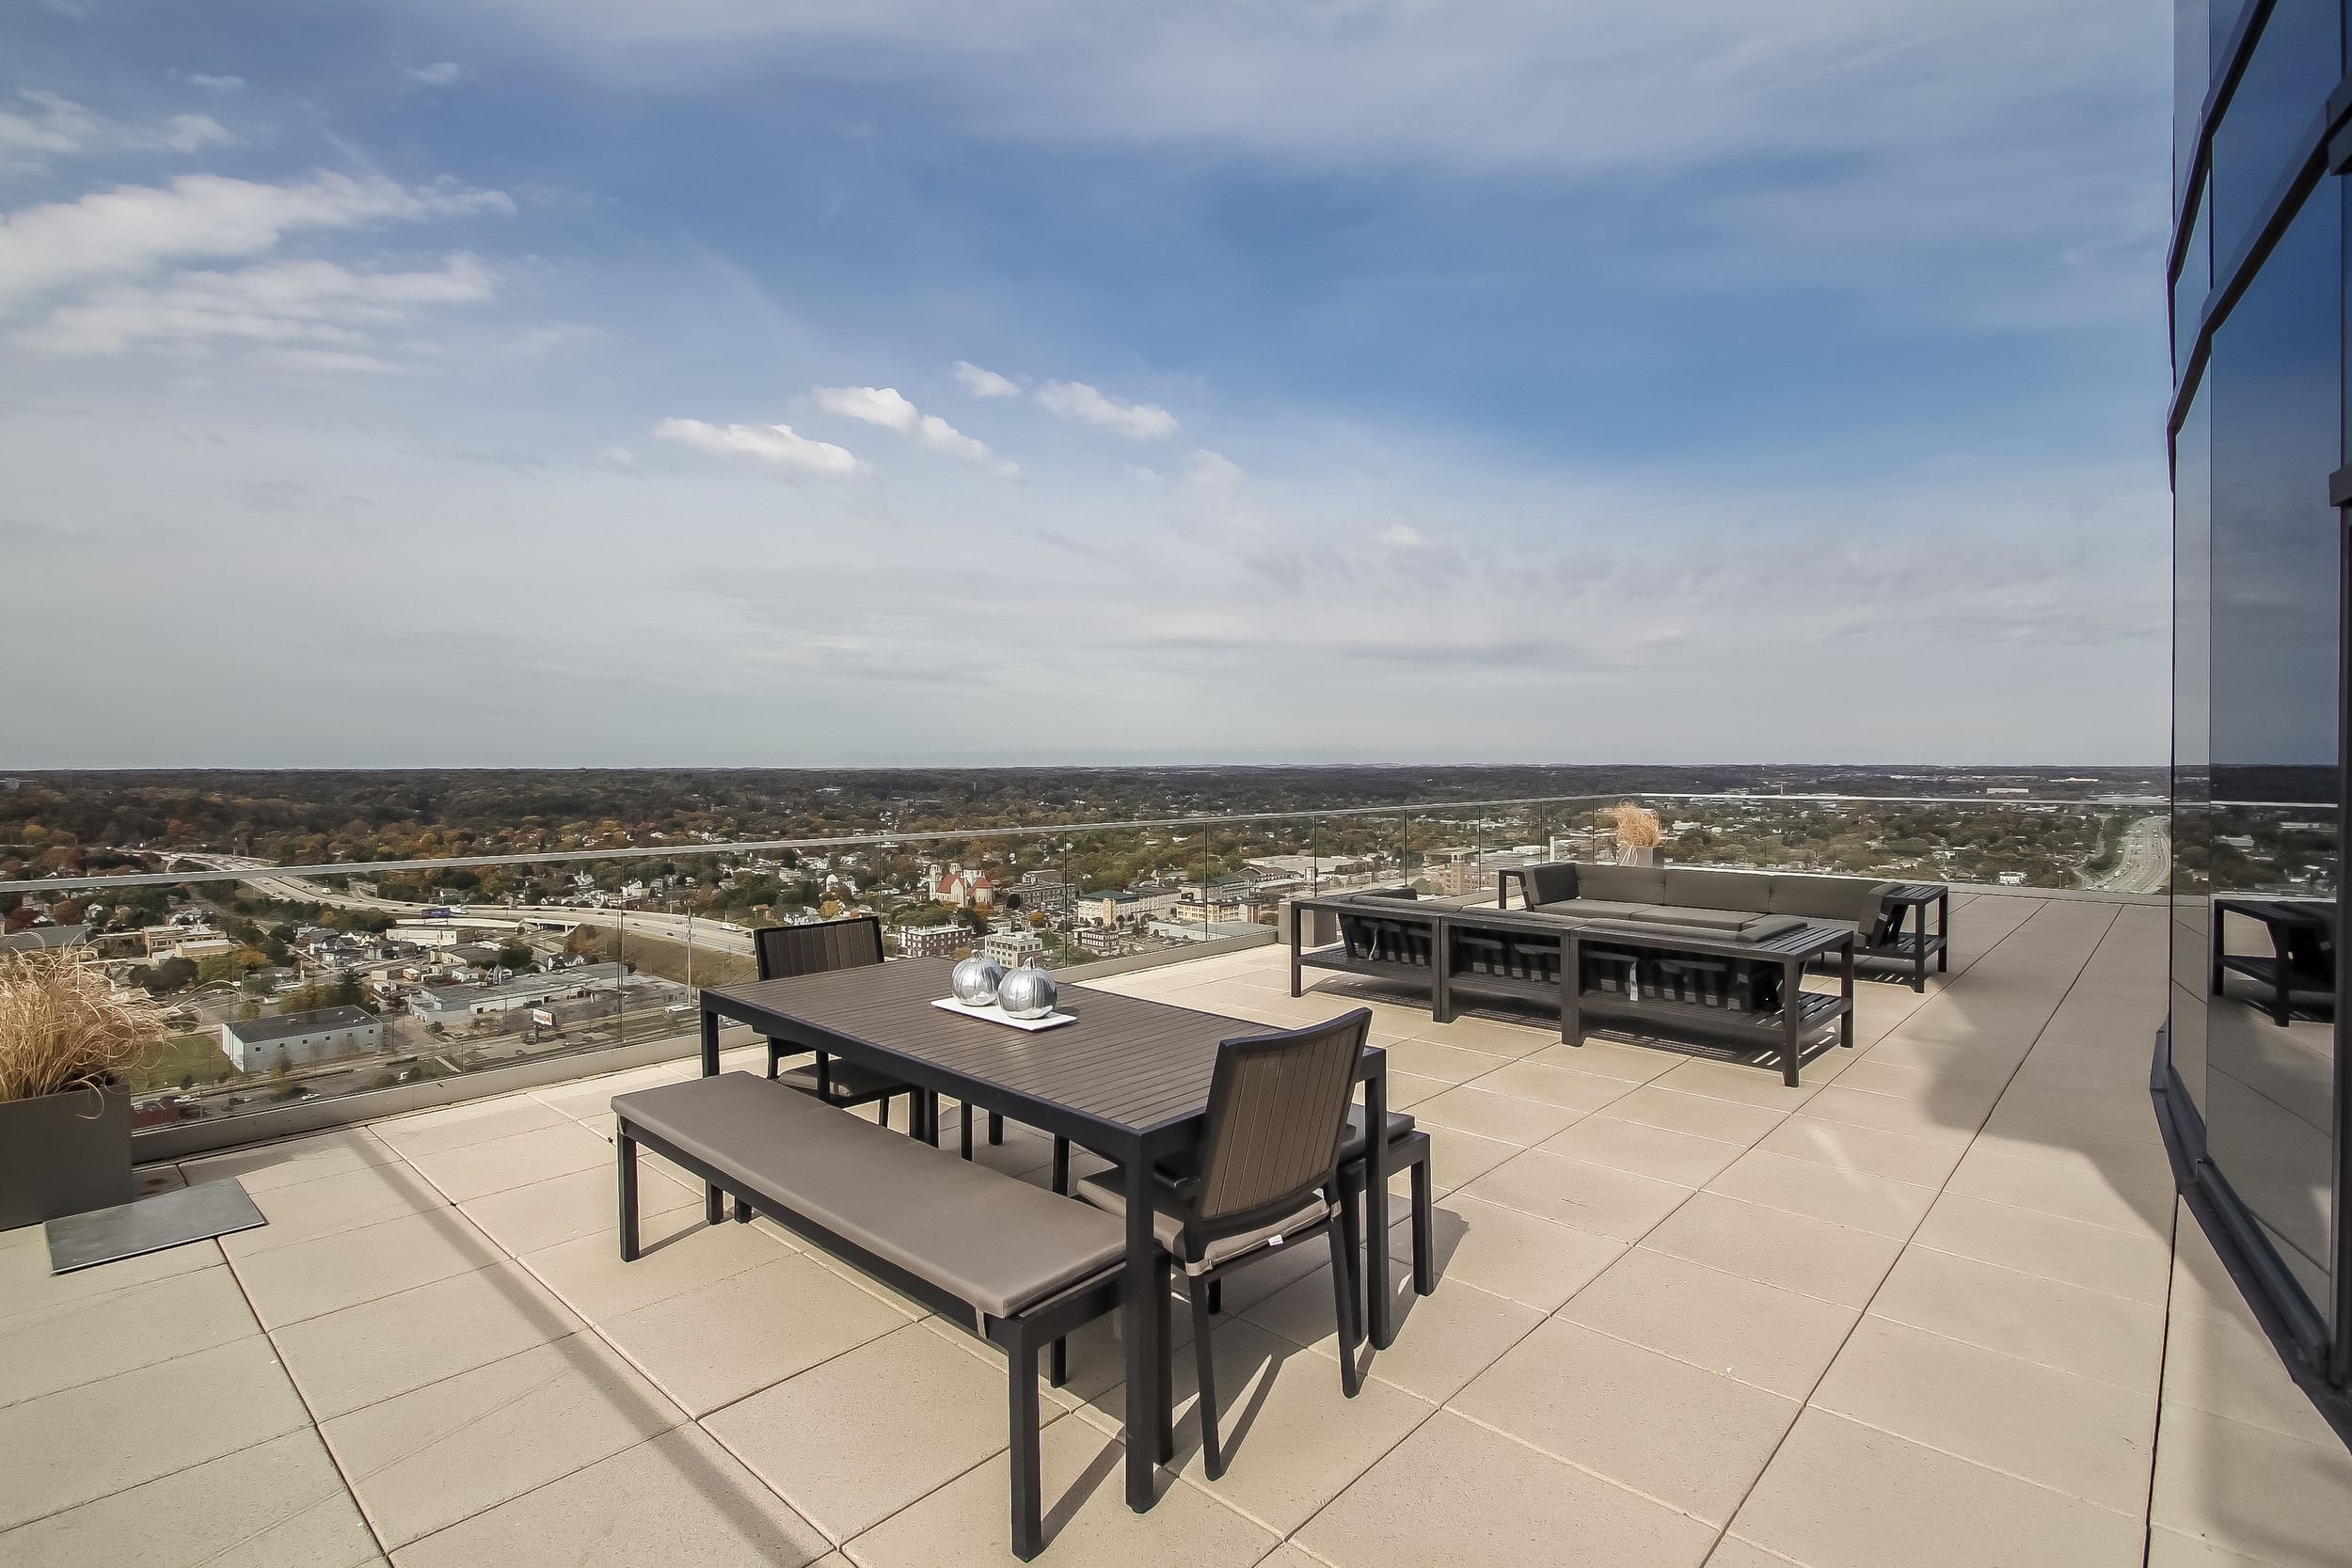 patio-p470387.jpg